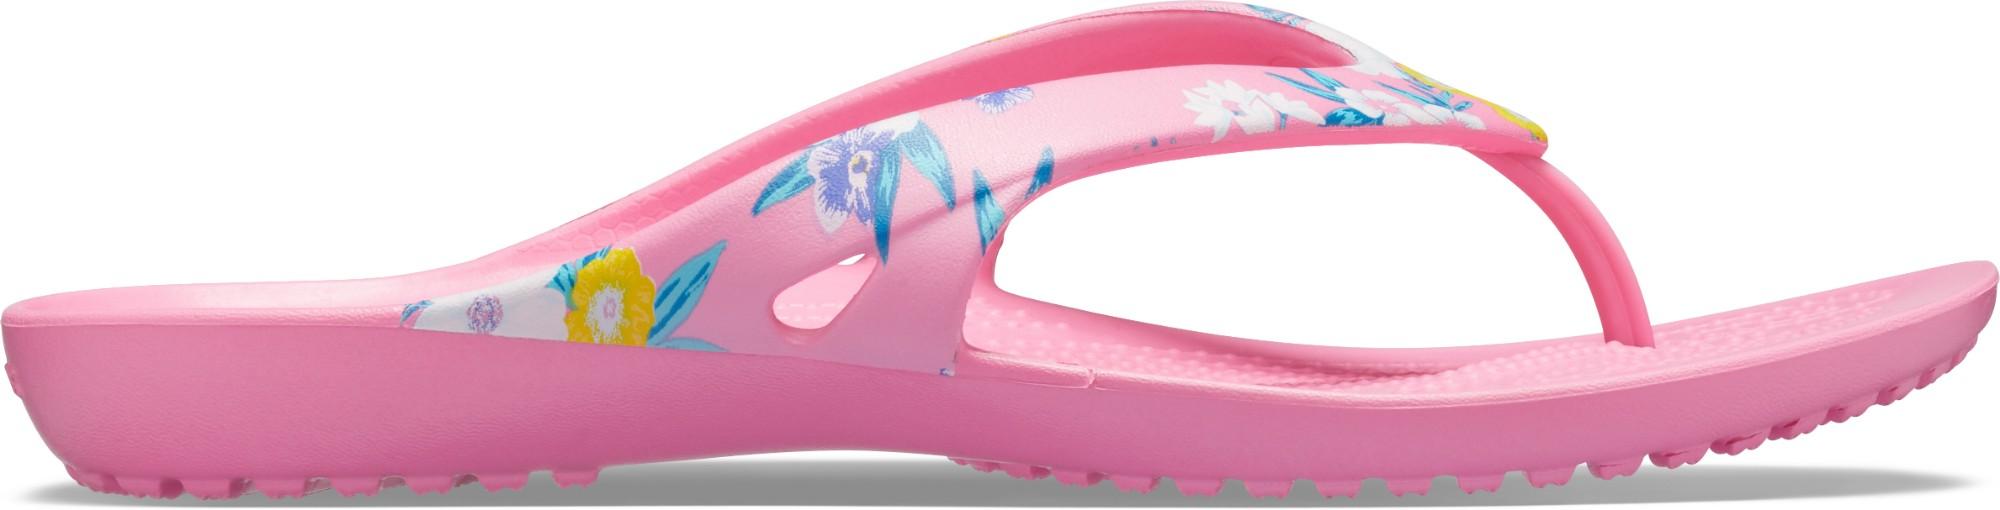 Crocs™ Kadee II Printed Flip Women's Tropical Floral/Pink Lemonade 38,5